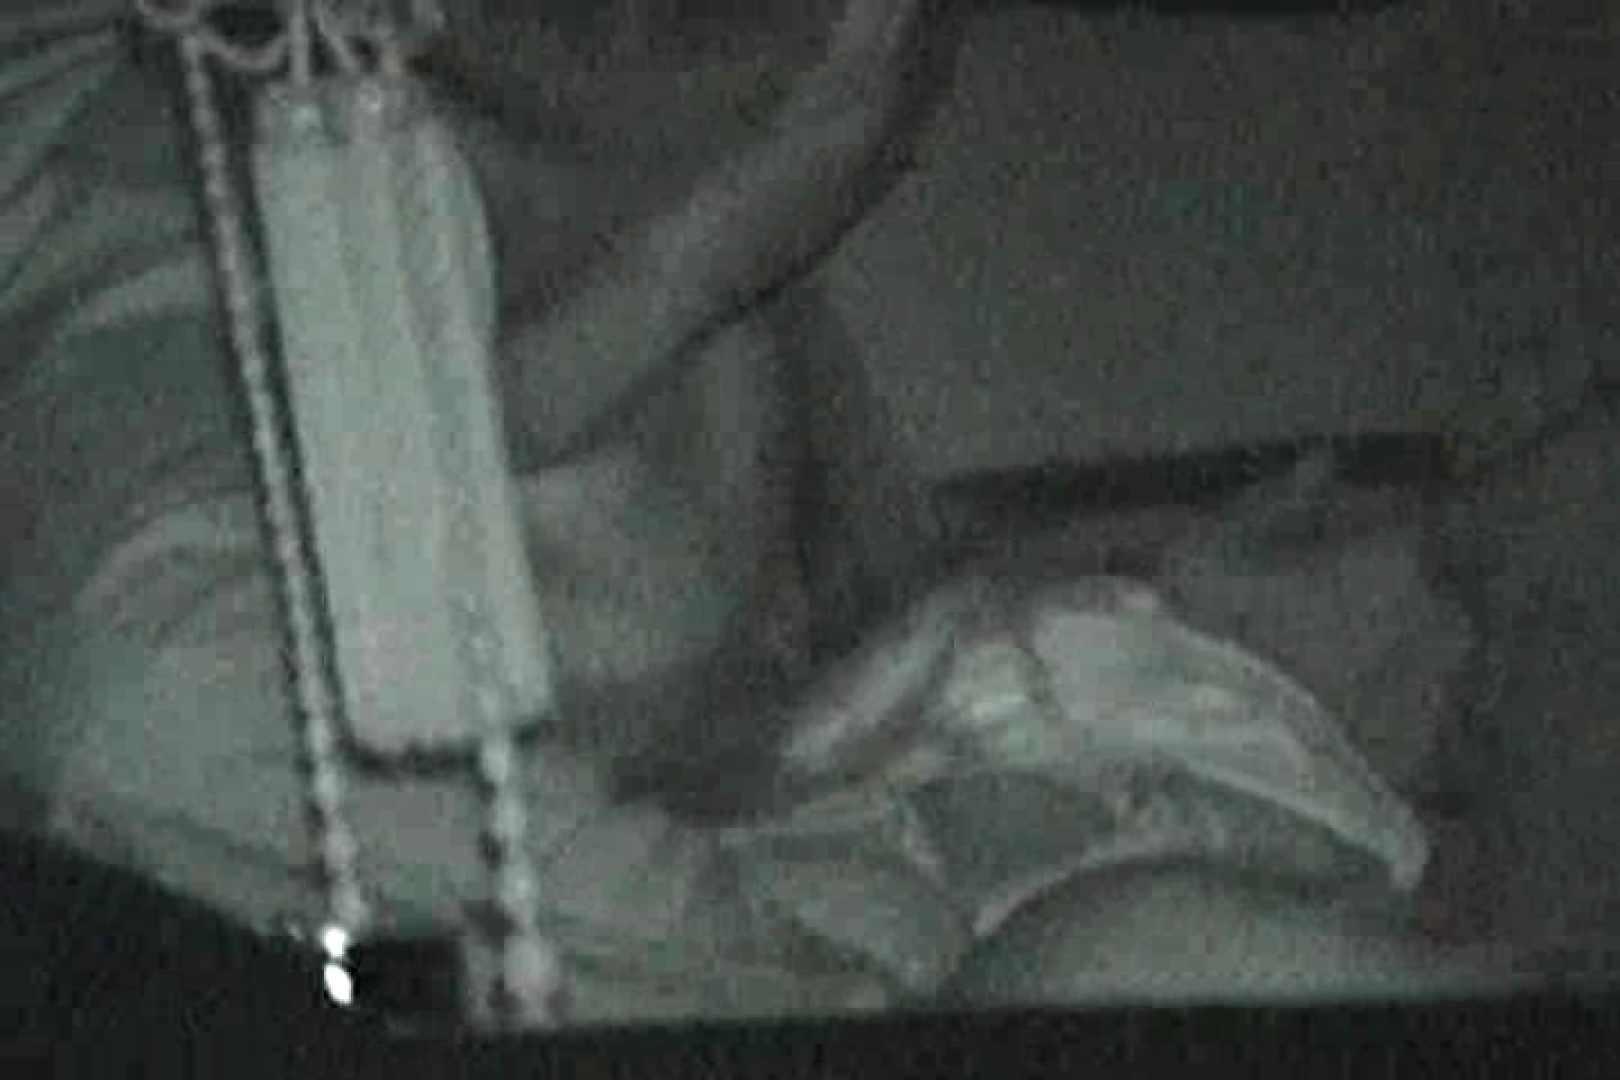 充血監督の深夜の運動会Vol.8 乳首 覗きおまんこ画像 75pic 50